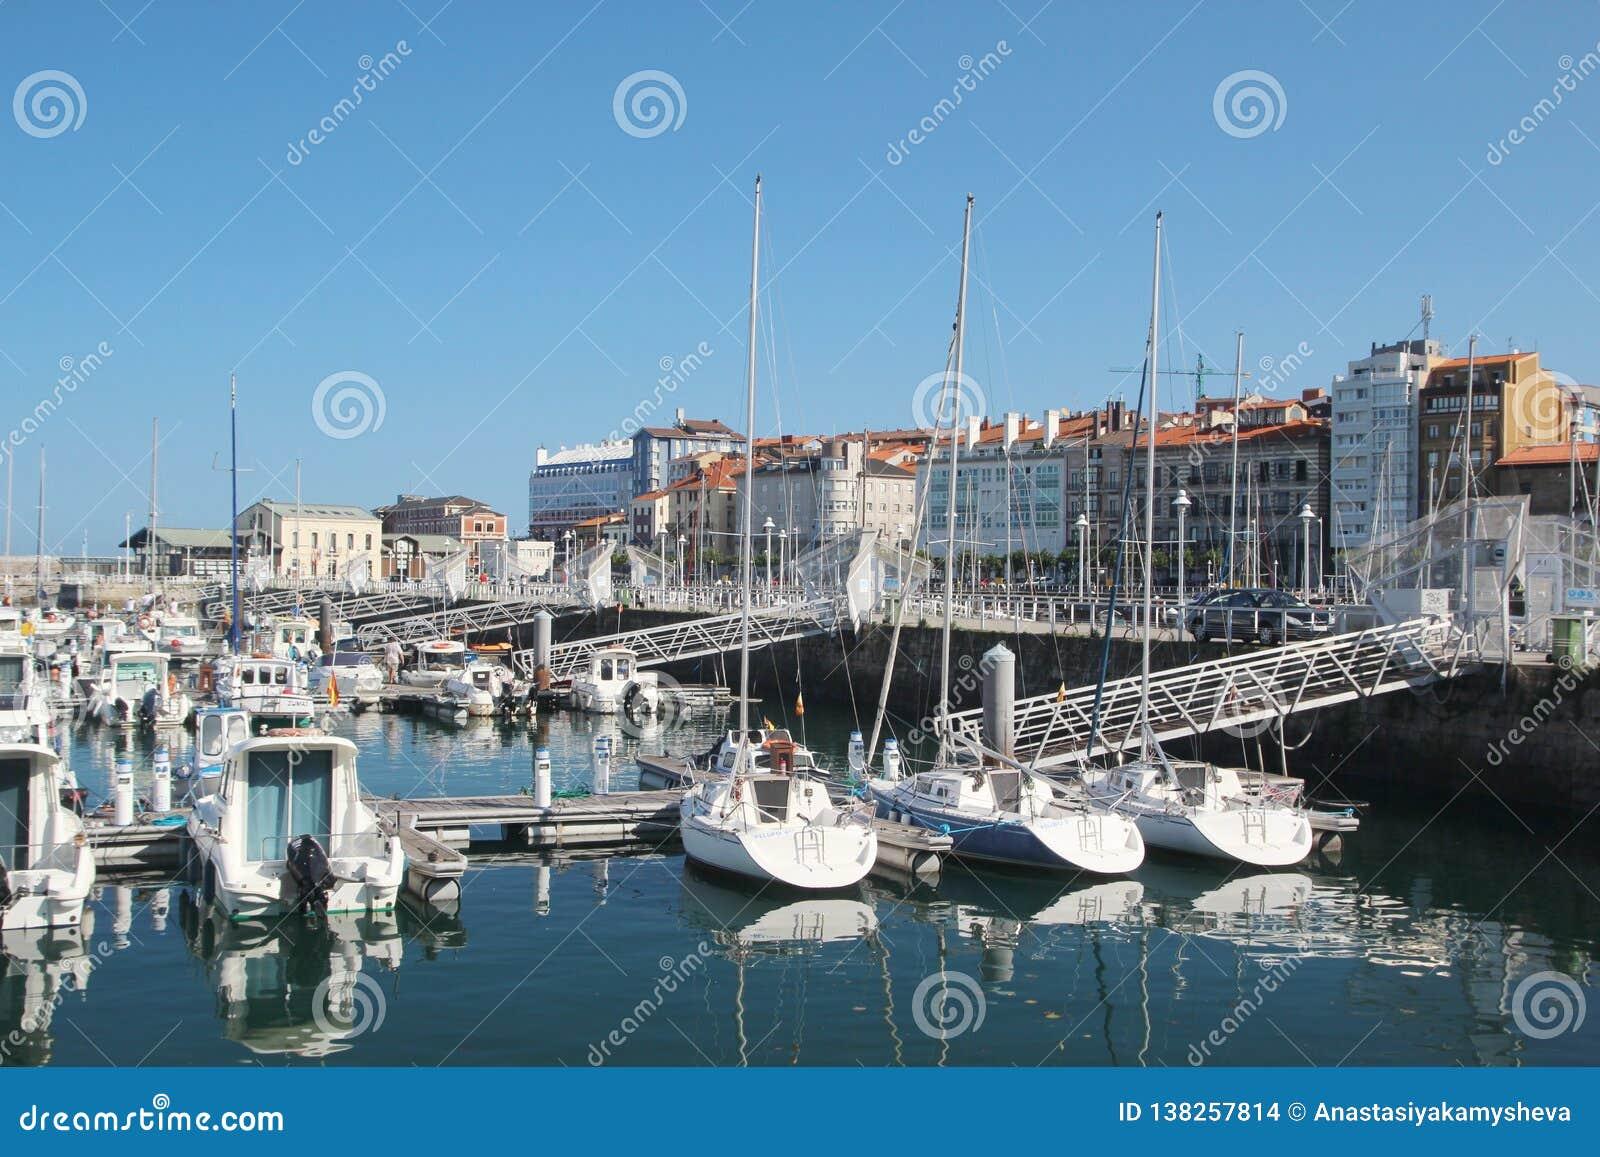 Gijon-Jachthafen und Yachten, Spanien